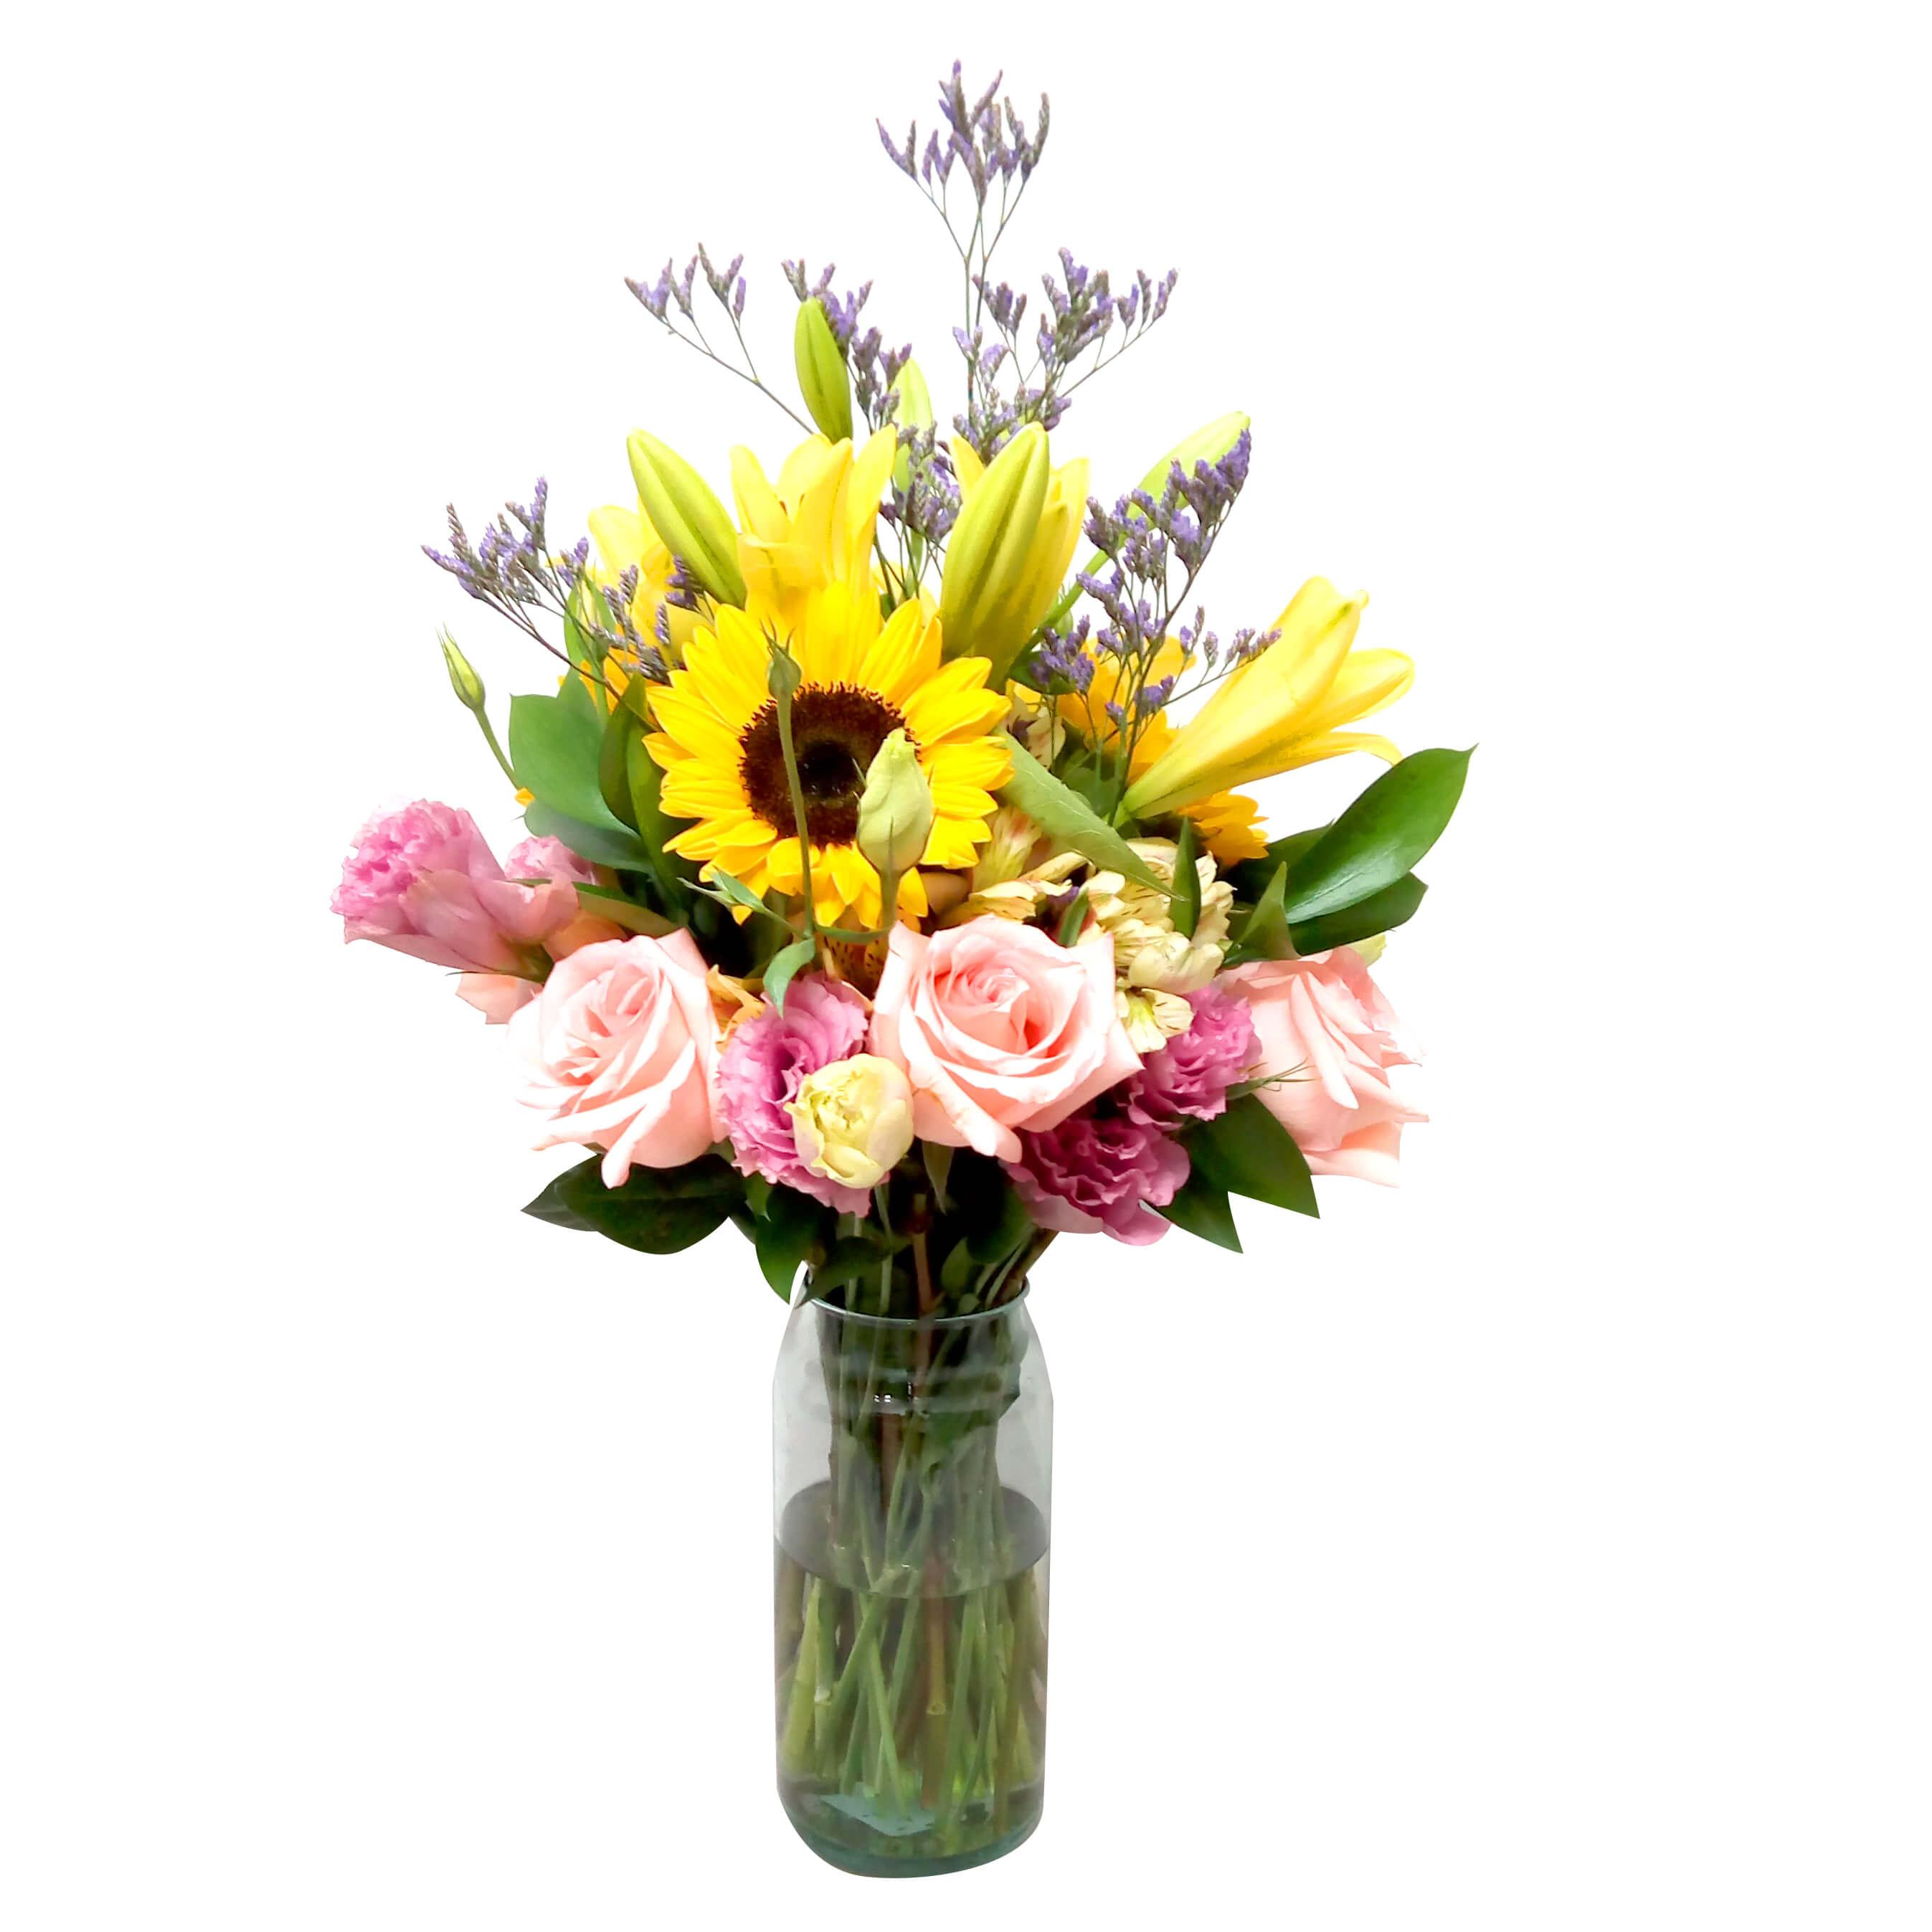 Florero Mixto con Rosas, Lisianthus, Girasoles y Lilium